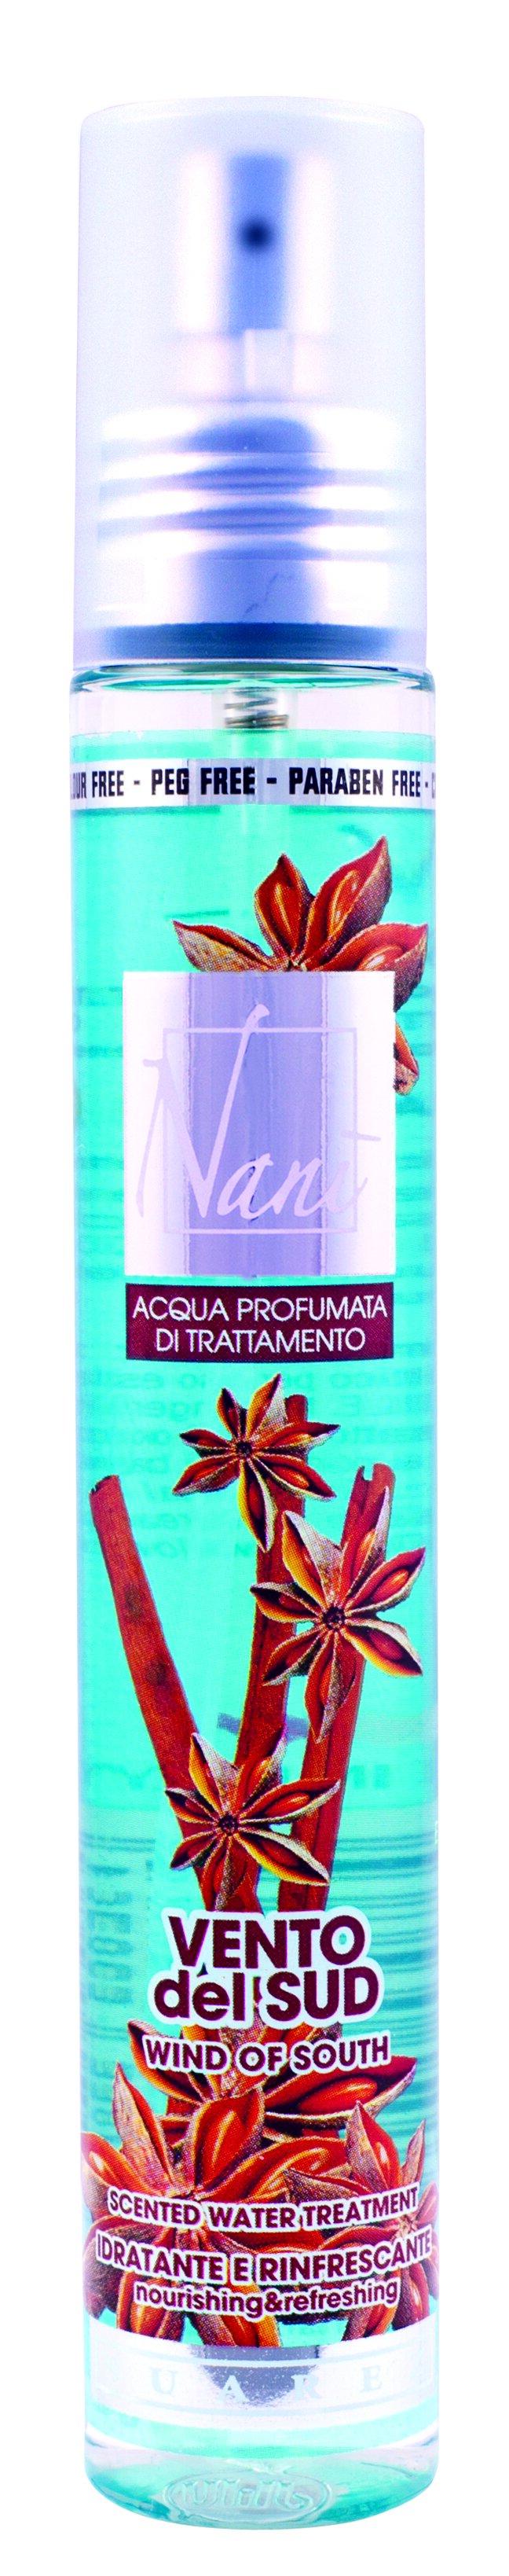 Parfémová voda Nani s přírodní aloe – Jižní vítr